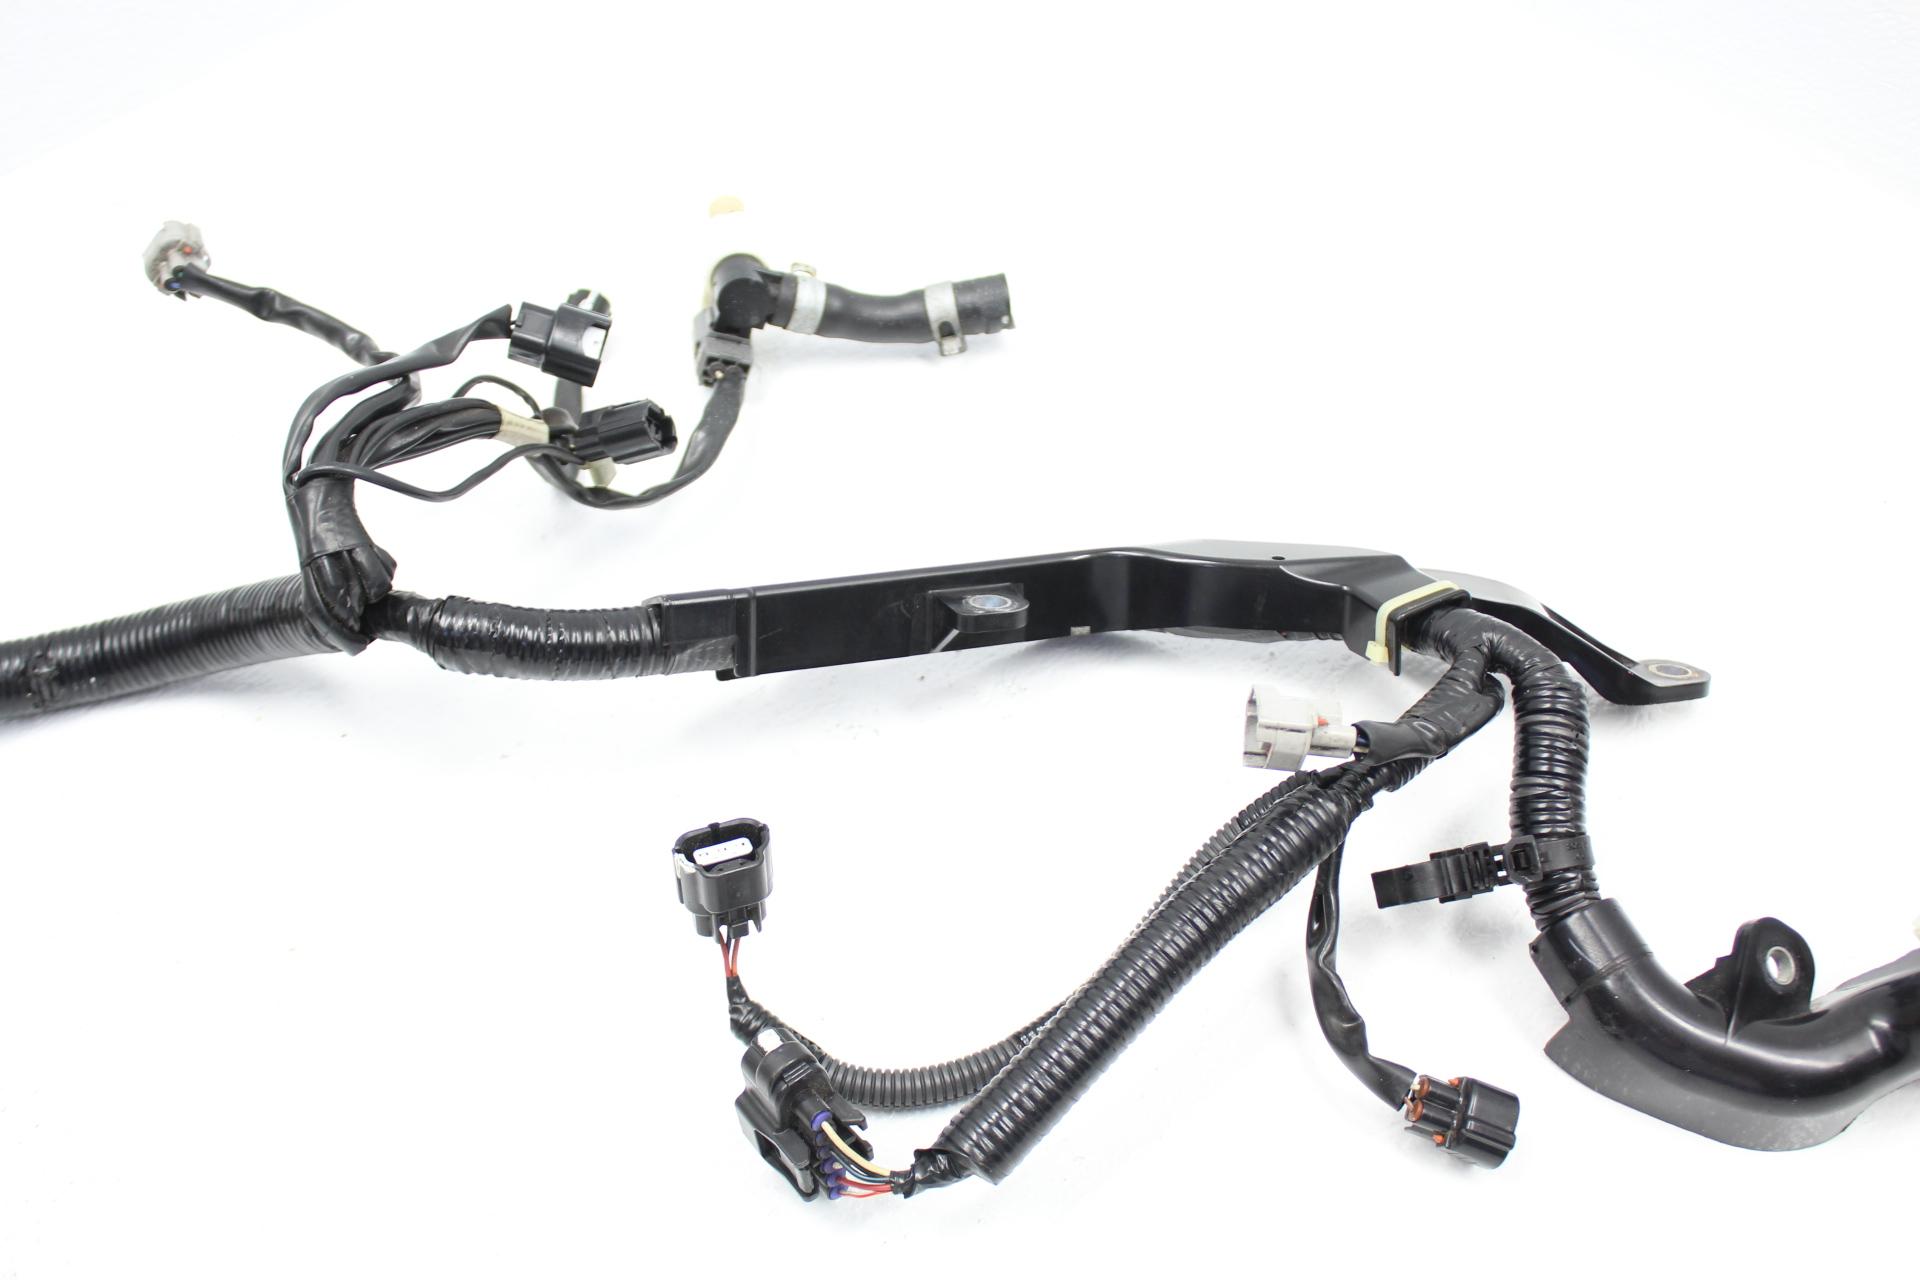 08 14 Subaru Wrx Sti Engine Wire Wiring Harness